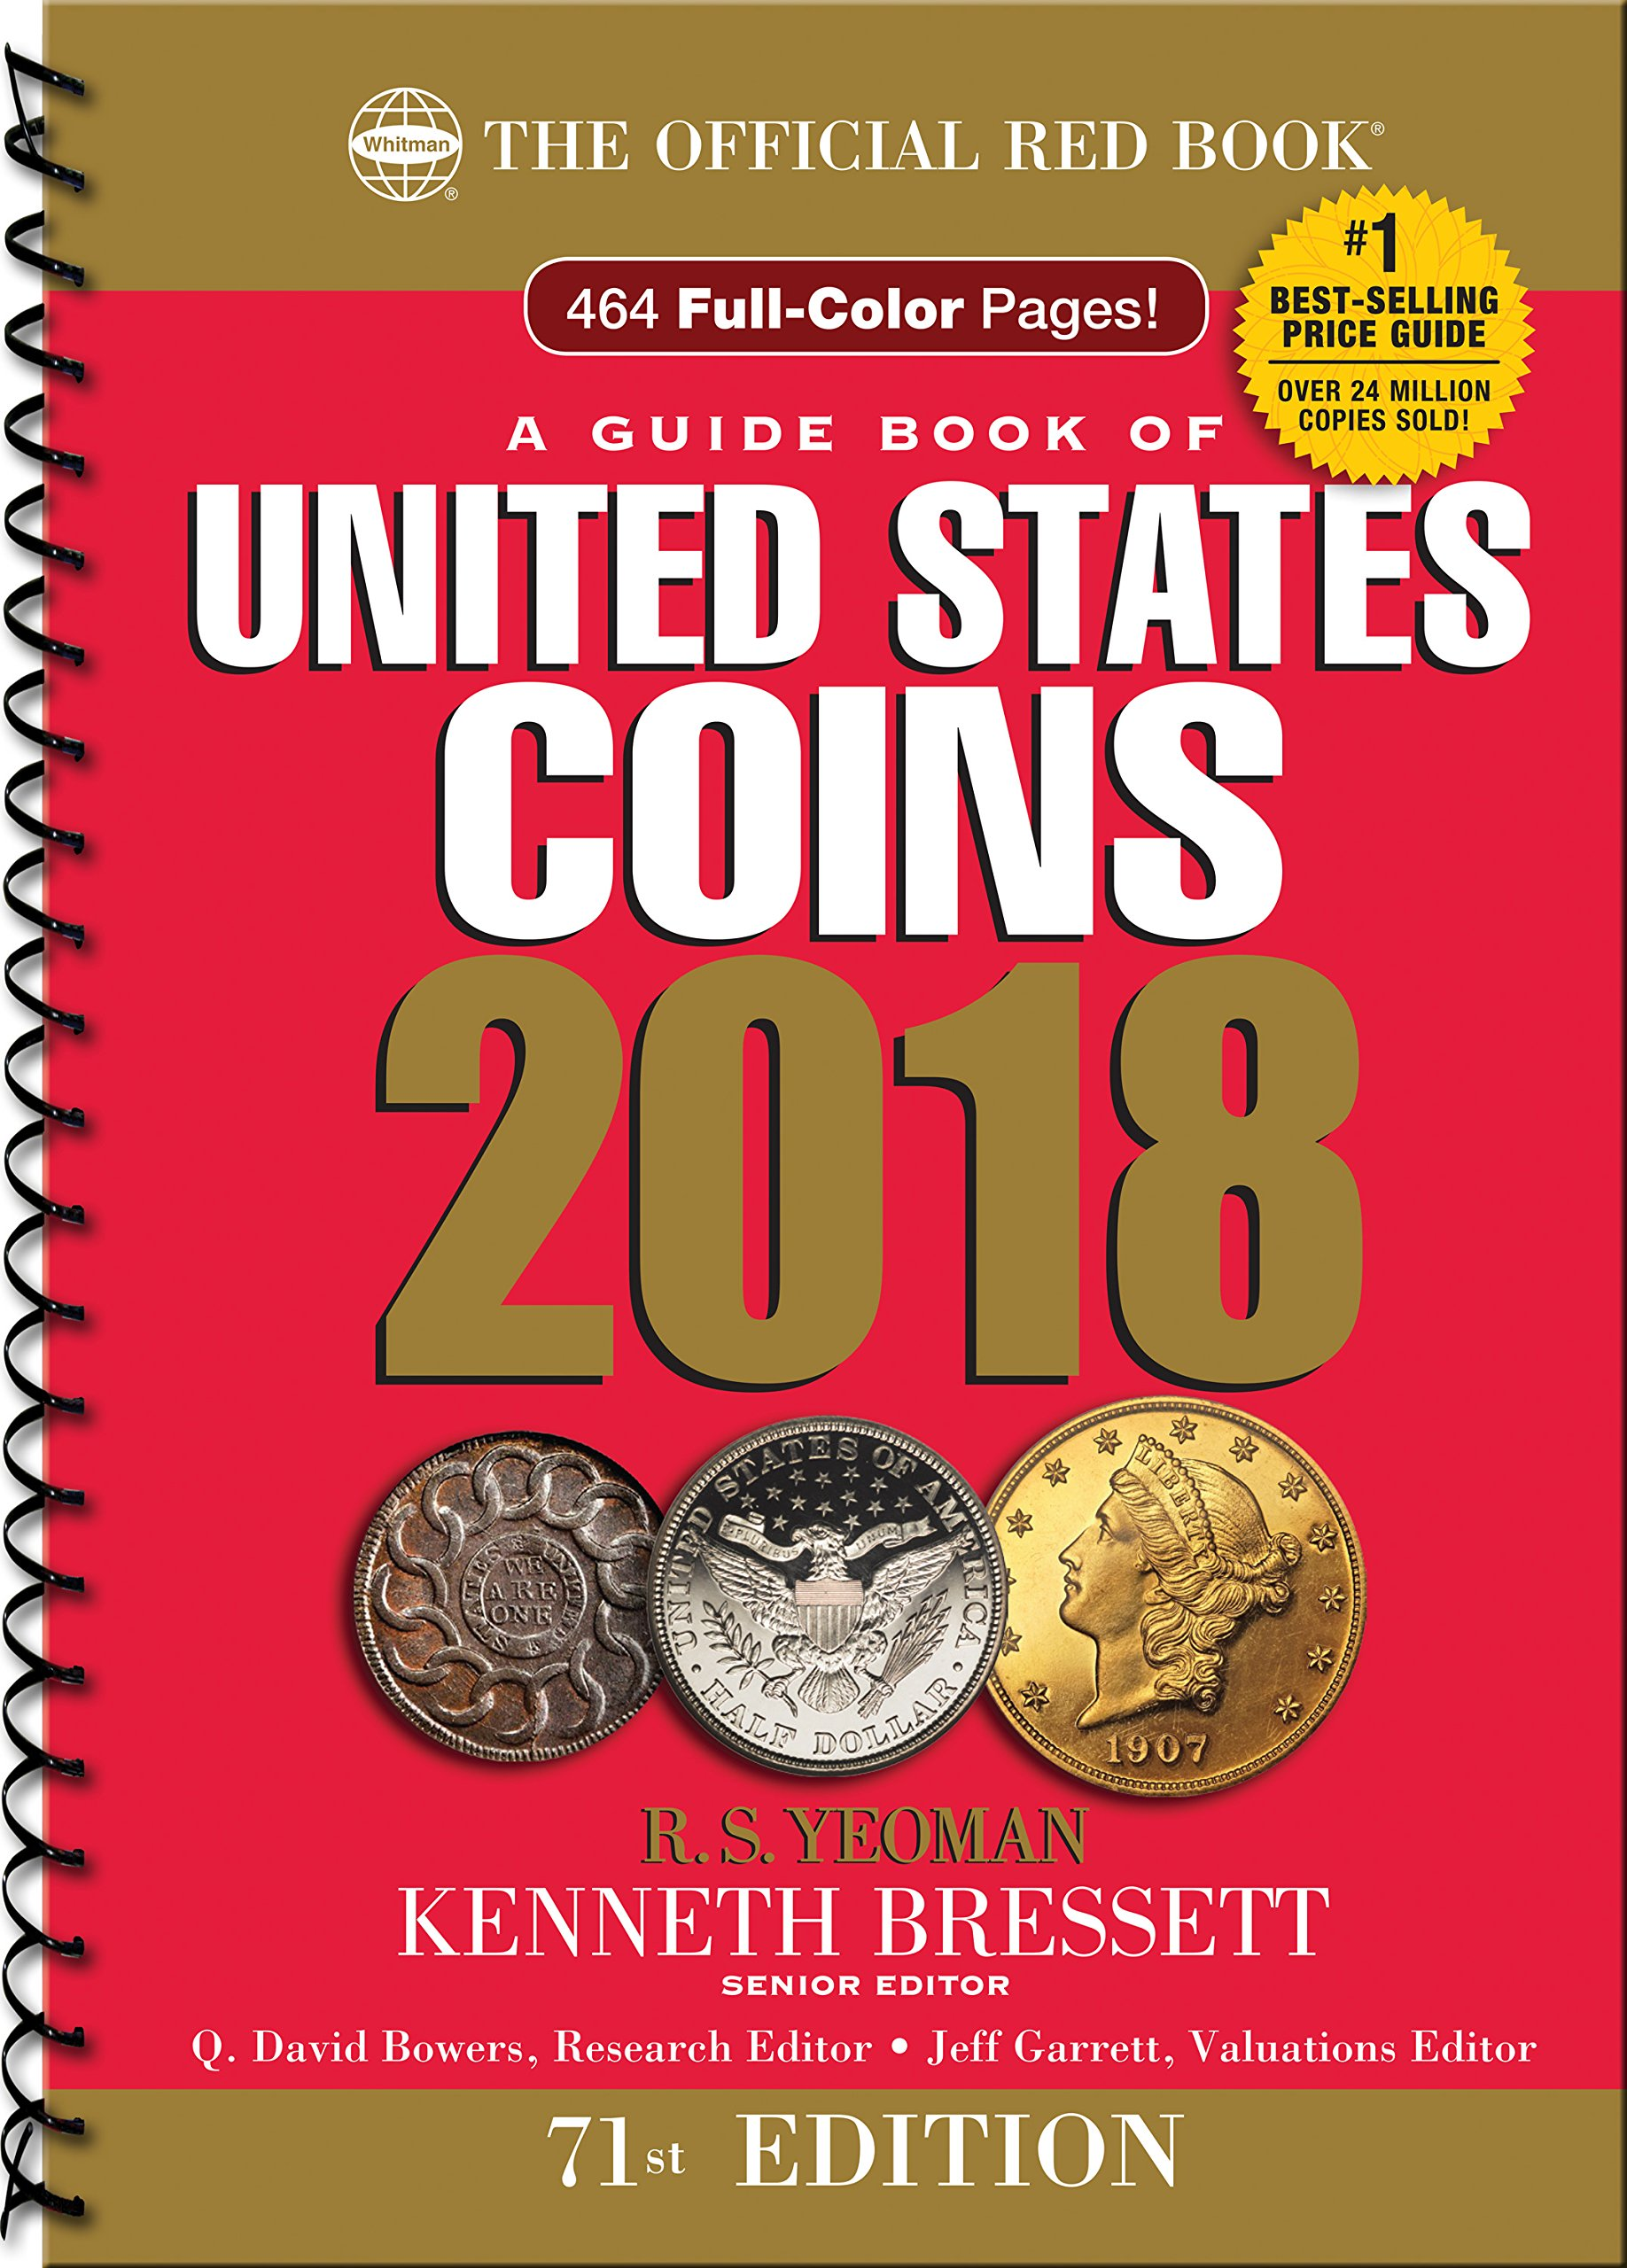 Couverture du Red Book, le catalogue de référence sur les monnaies américaines